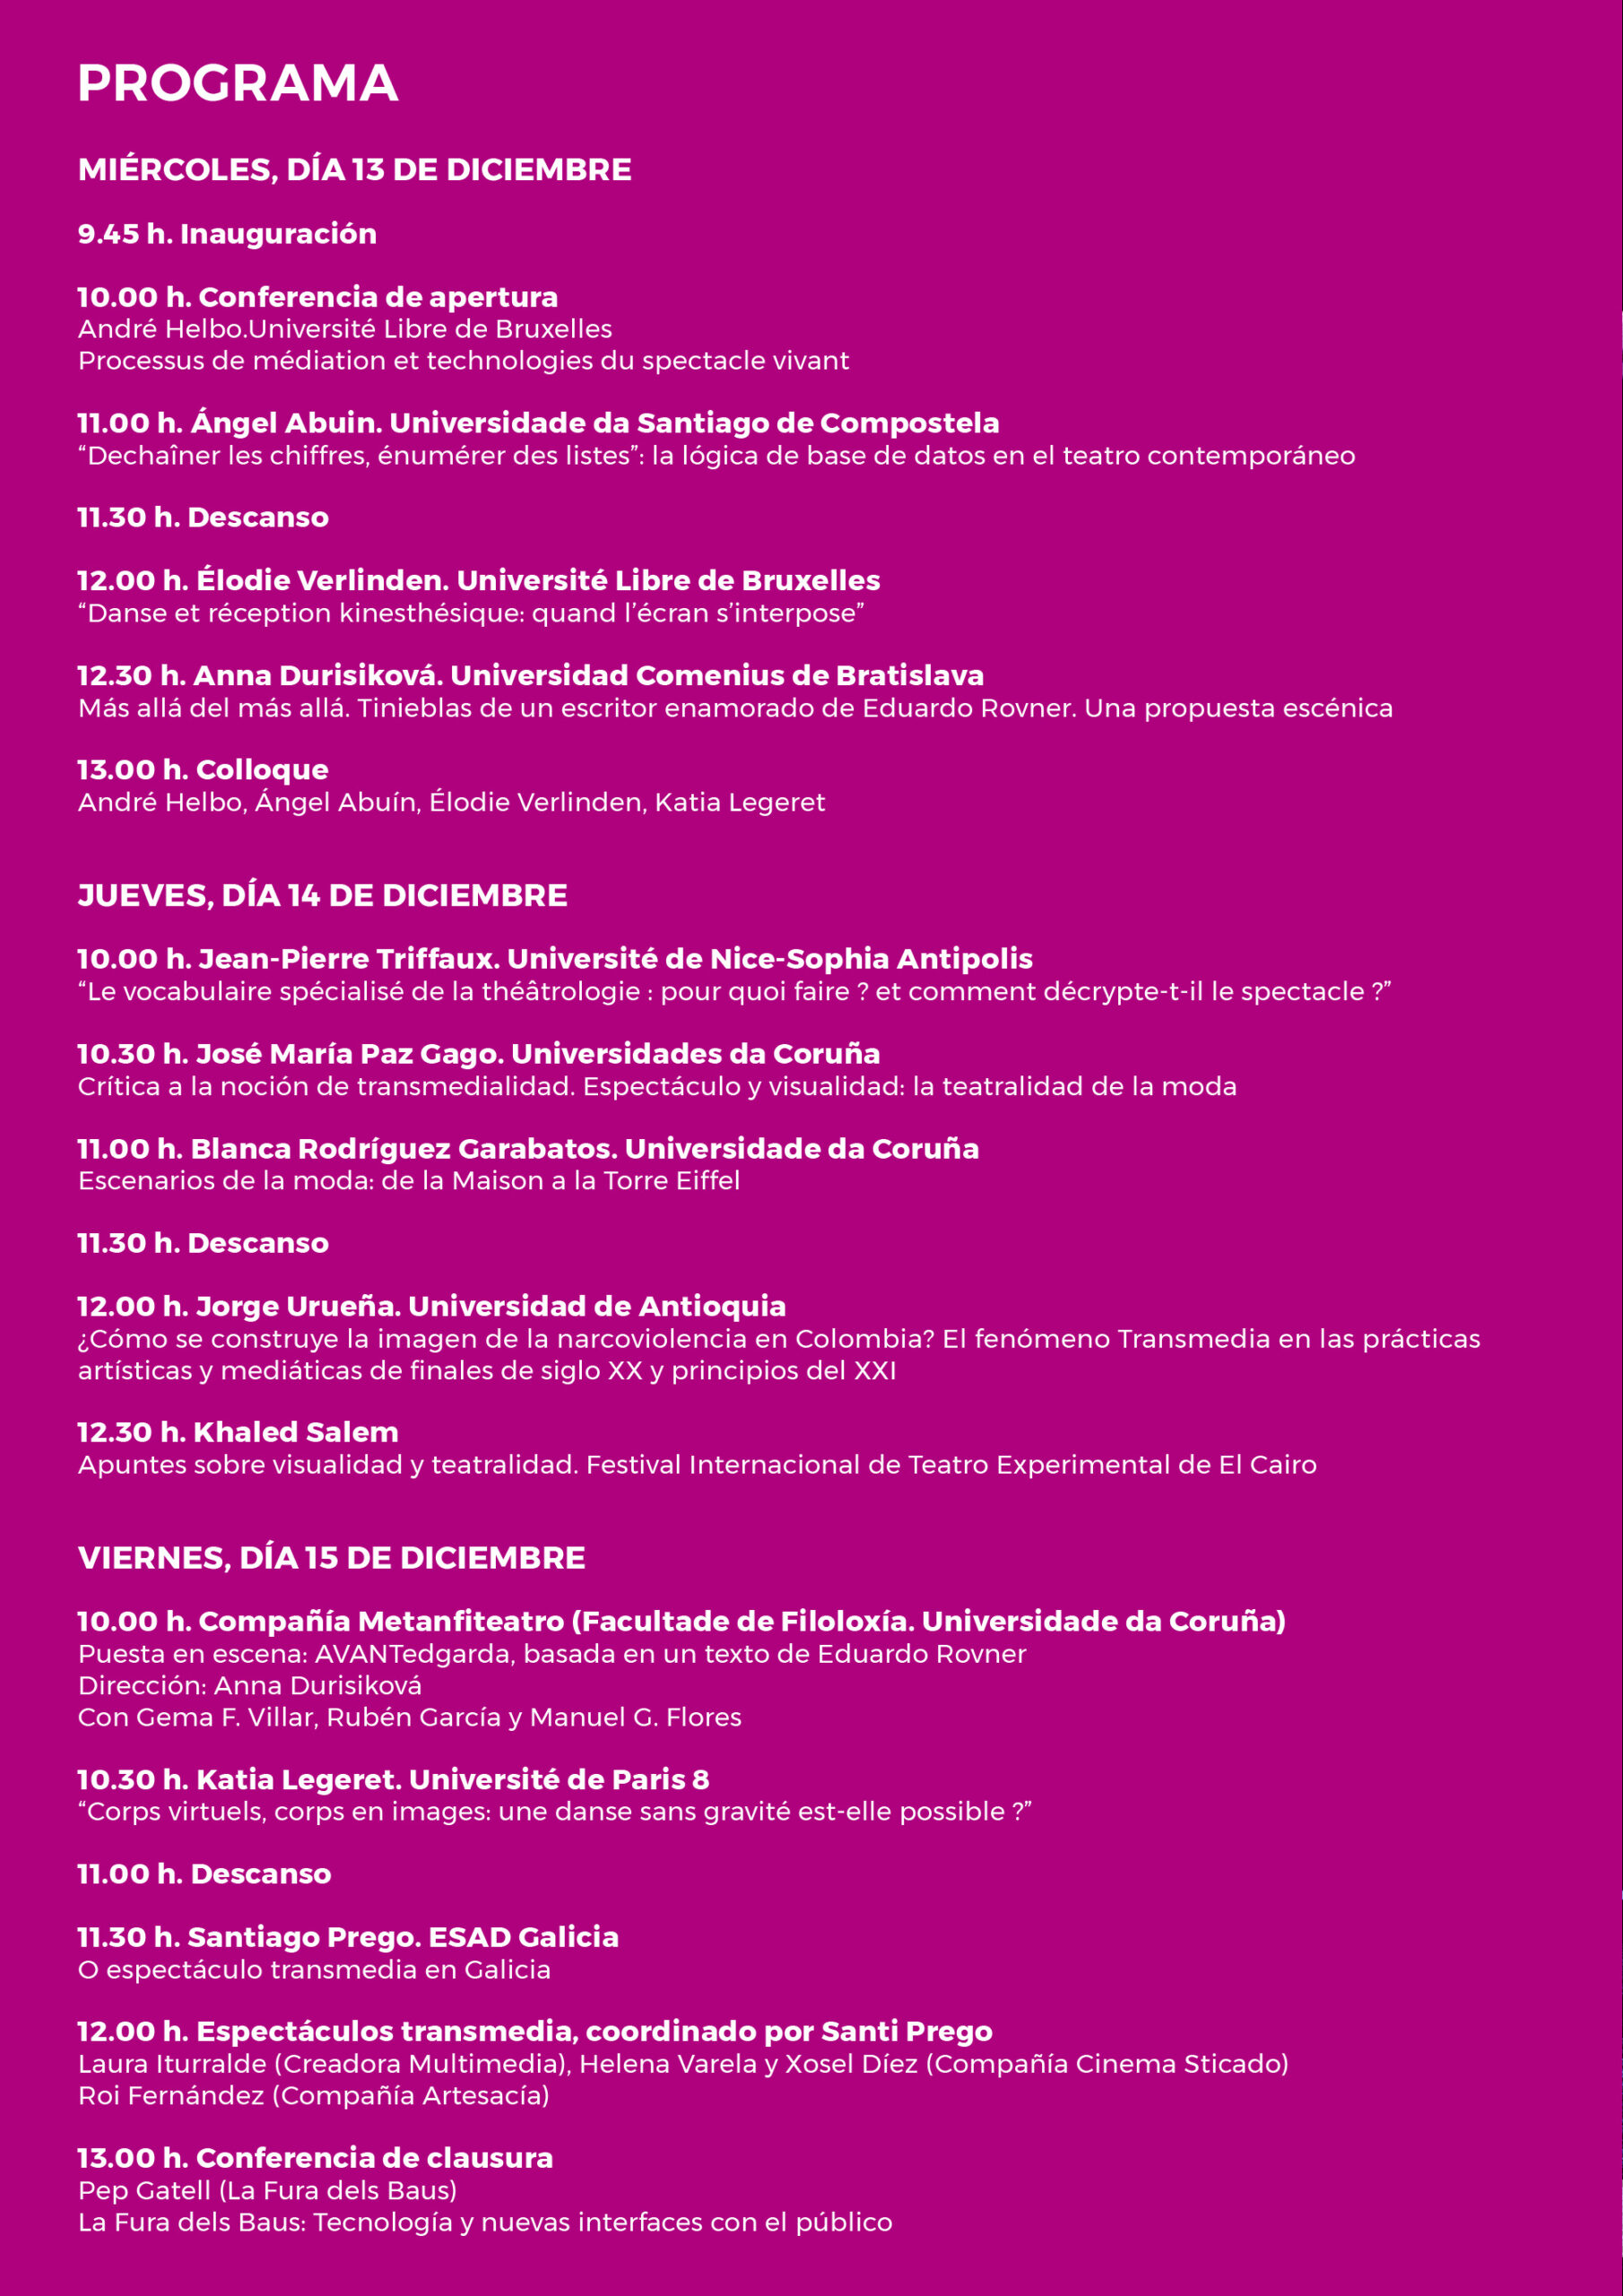 LitecomColoquio Internacional Espectáculo y Tecnologías de la Imagen - Programa